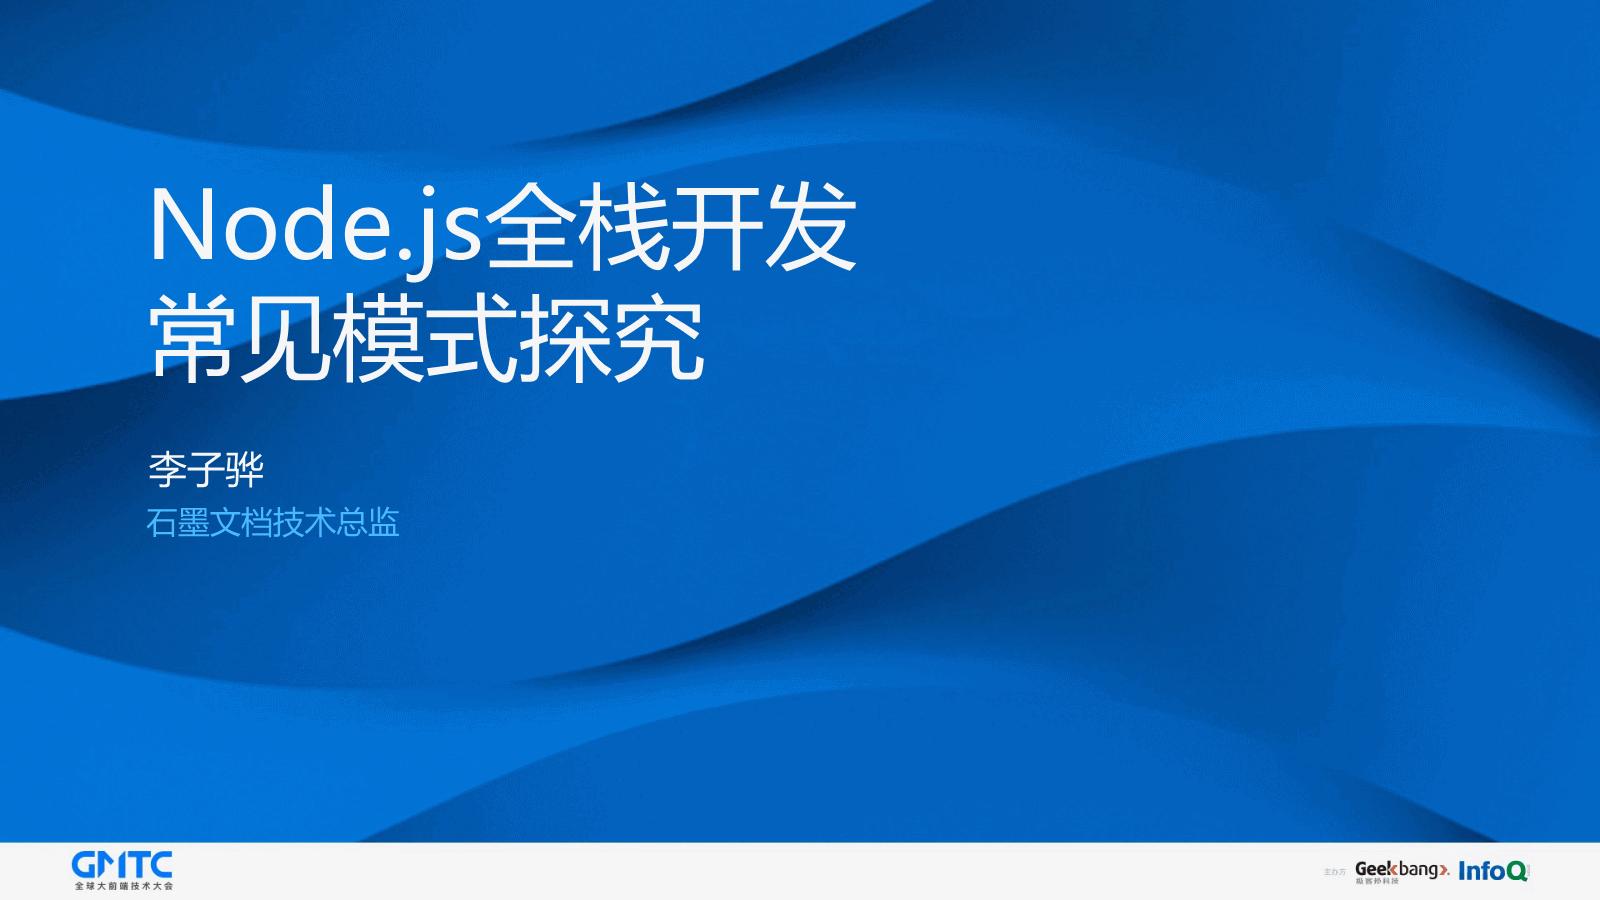 李子骅-Node.js 全栈开发的常见模式探究